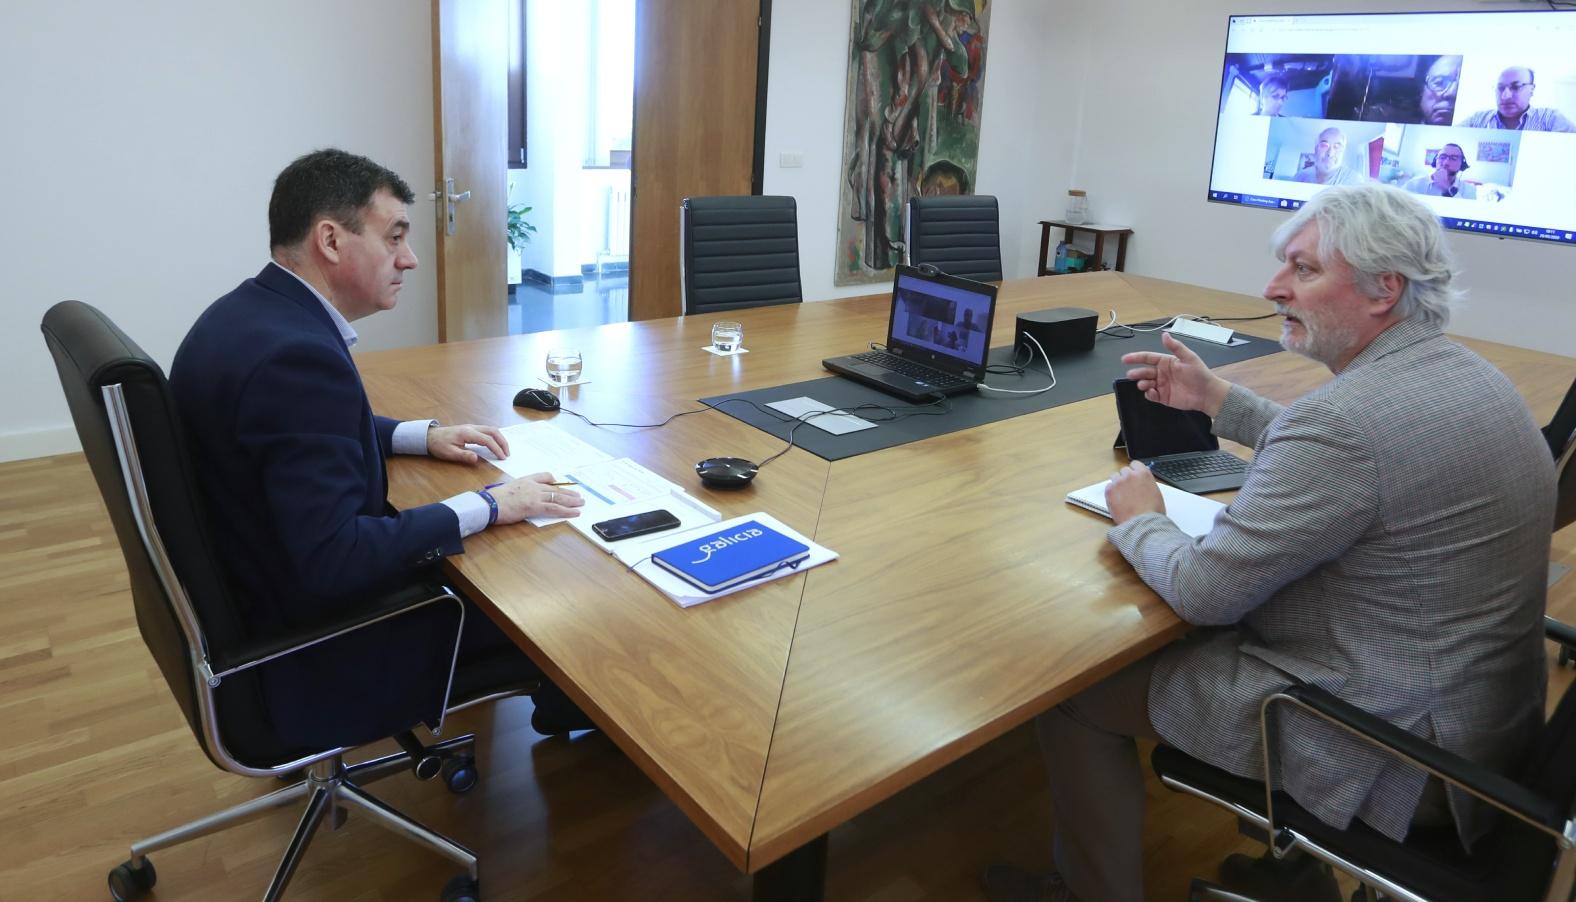 Xunta e sector acordan incrementar o aforamento dos establecementos hostaleiros ao 50% a partir da próxima semana